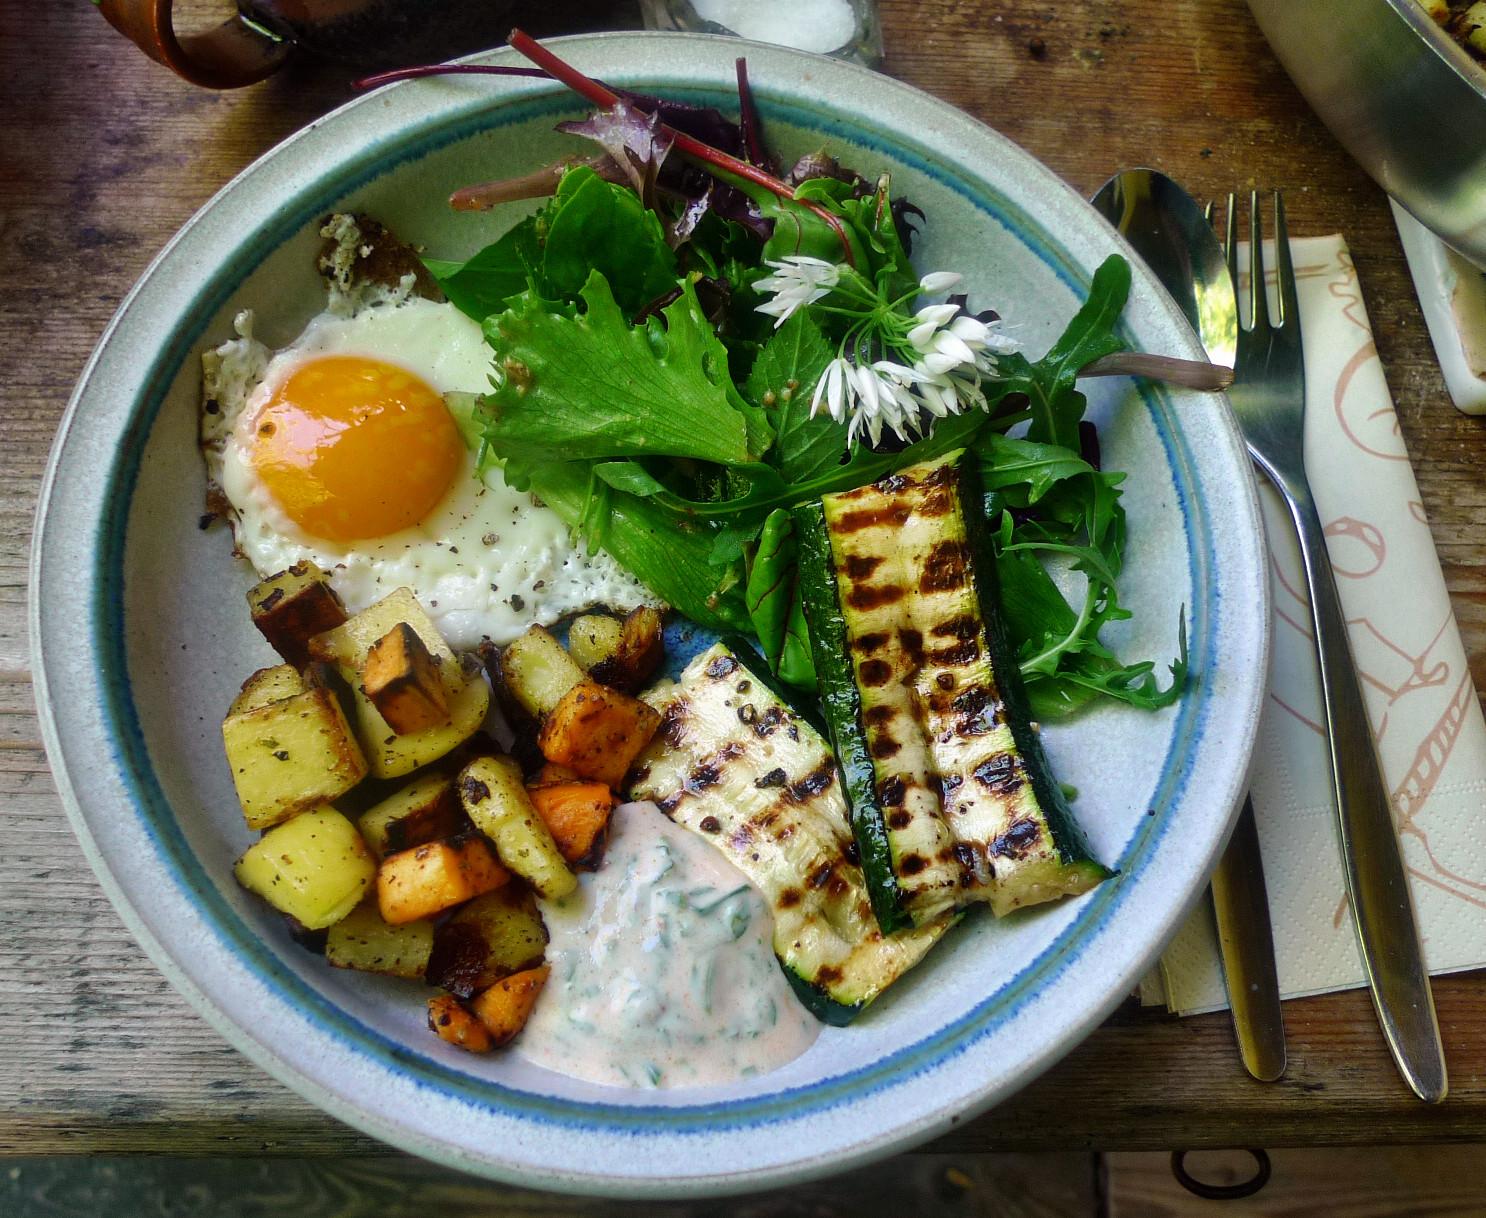 Bratkartoffel,Salat,Spiegelei,Dip,Zucchini - 13.5.15   (15)